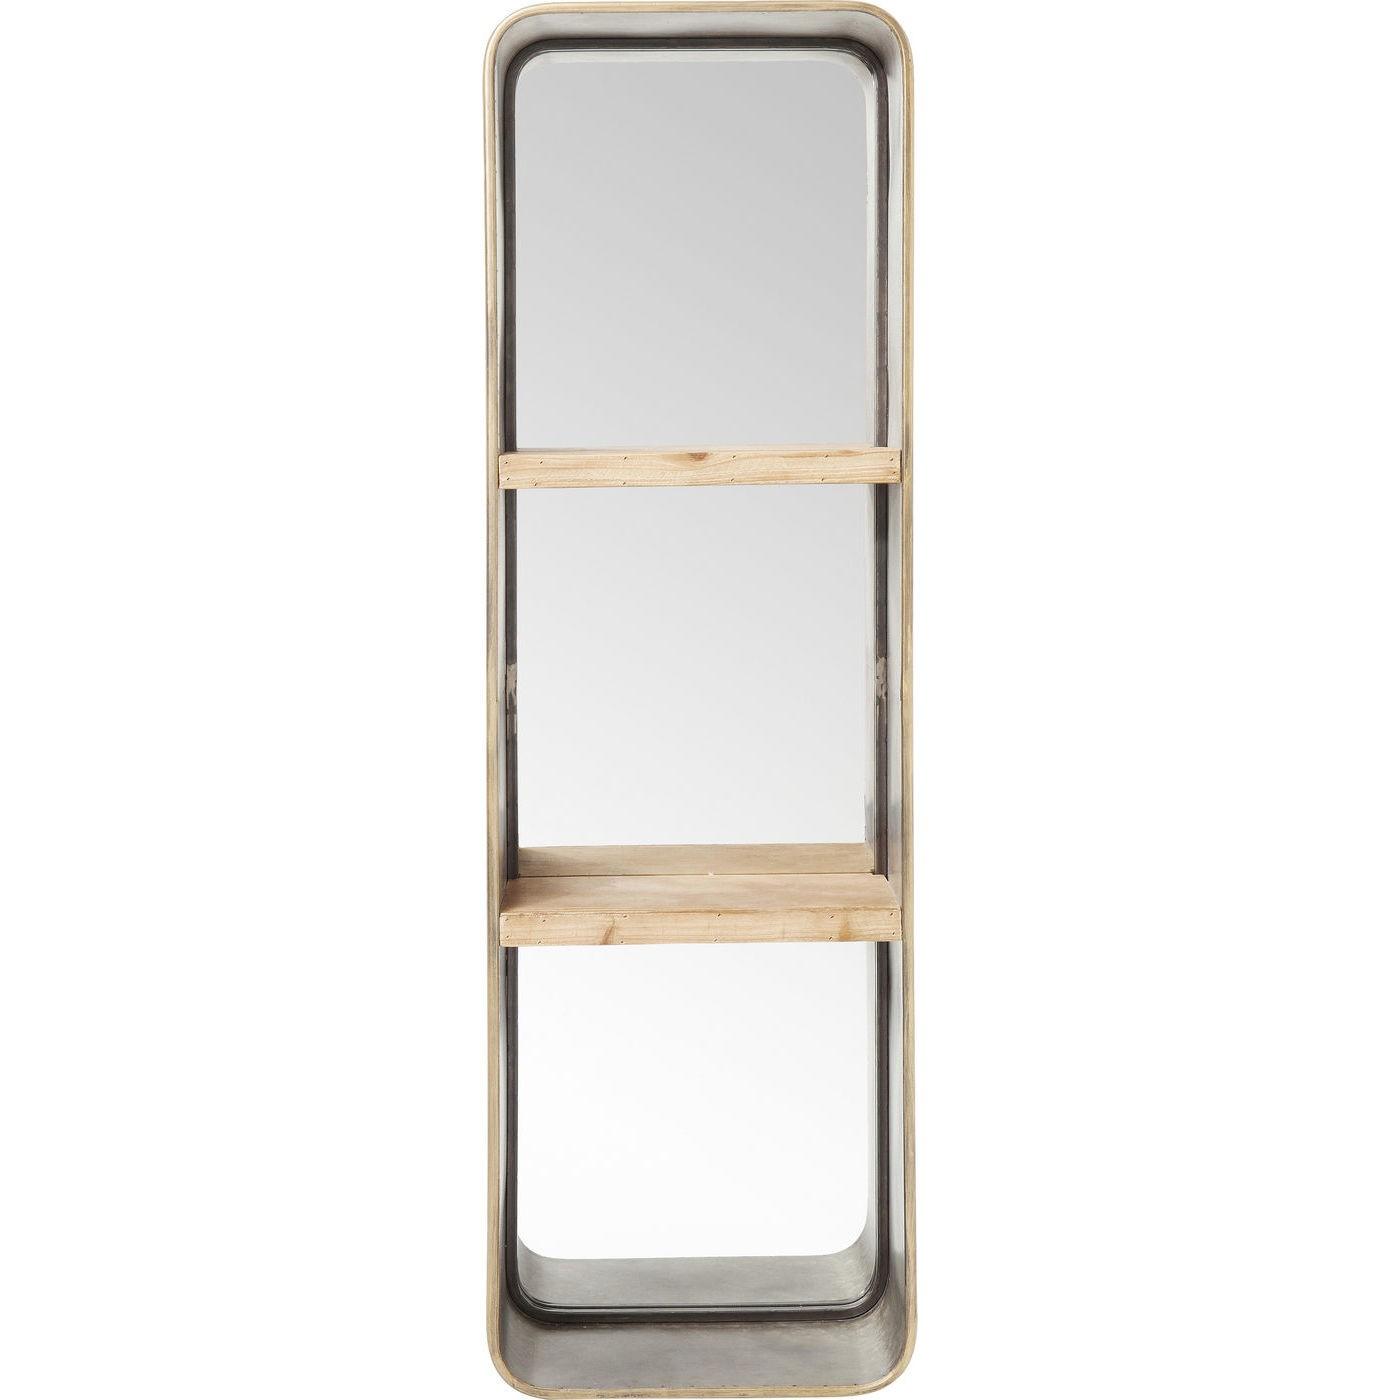 Spejl Curve Shelves 120 x 36 cm